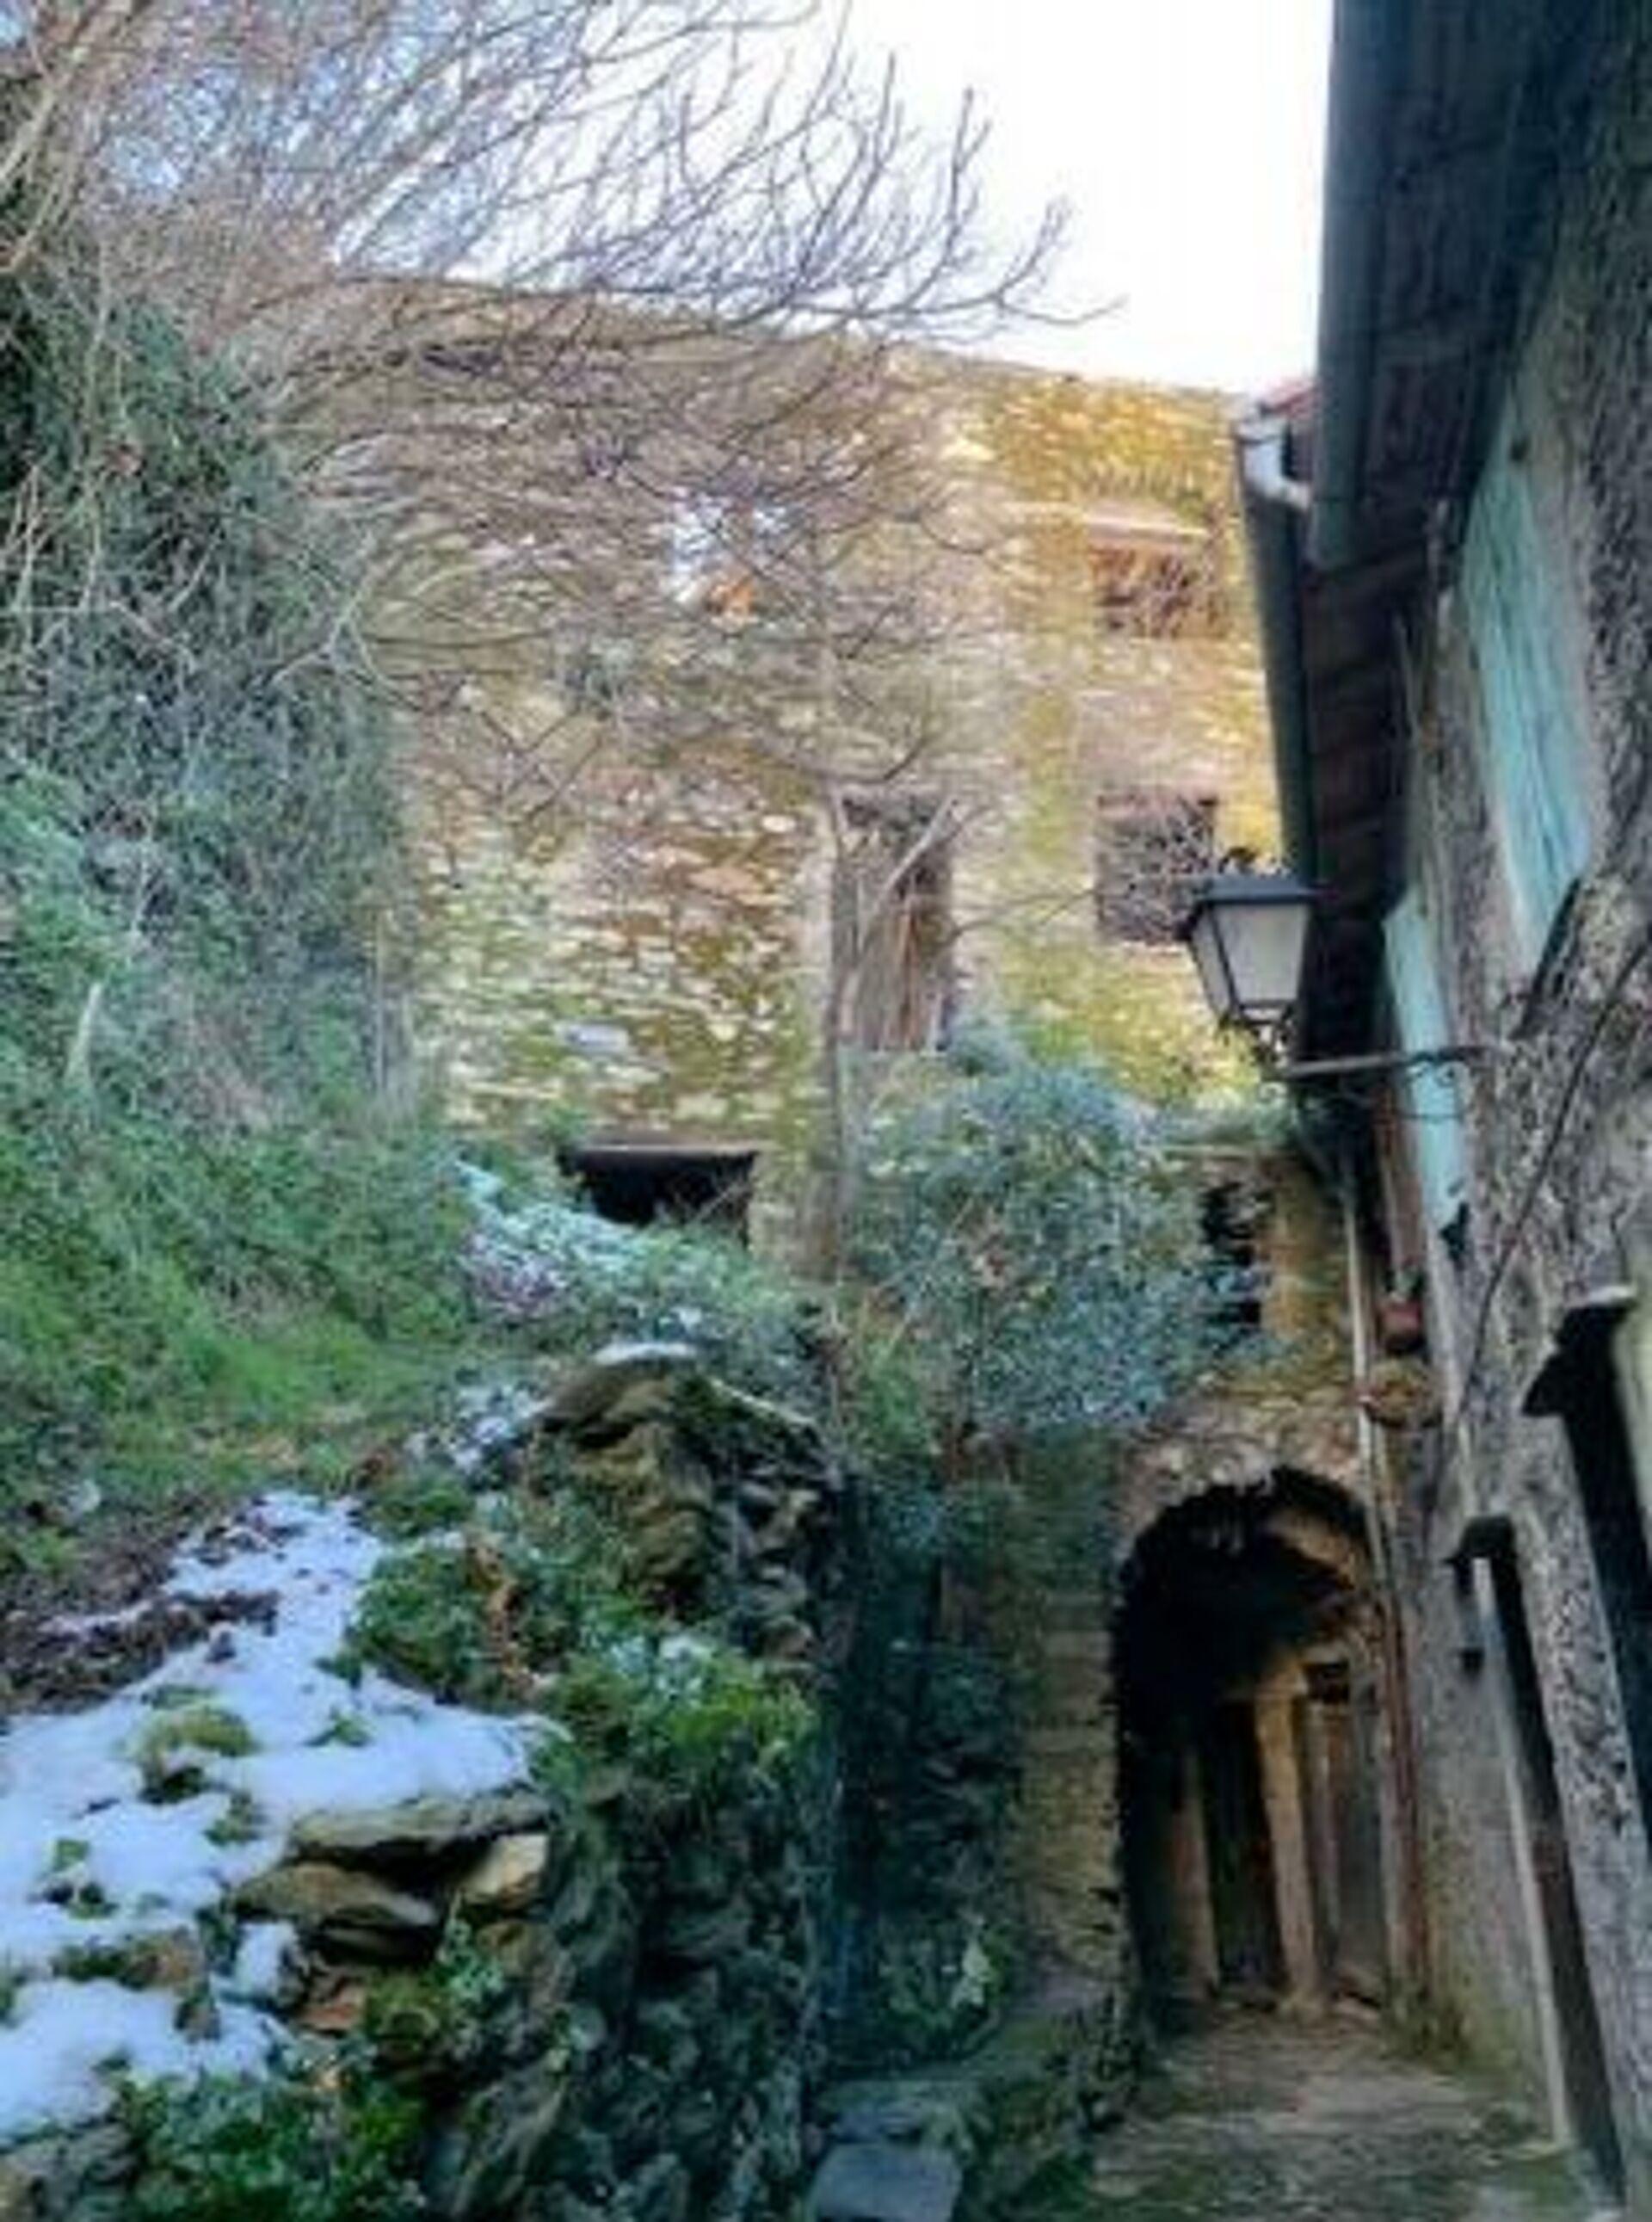 Triora mette in vendita le sue case a un euro, è boom di richieste per il Borgo delle streghe - Sputnik Italia, 1920, 24.03.2021